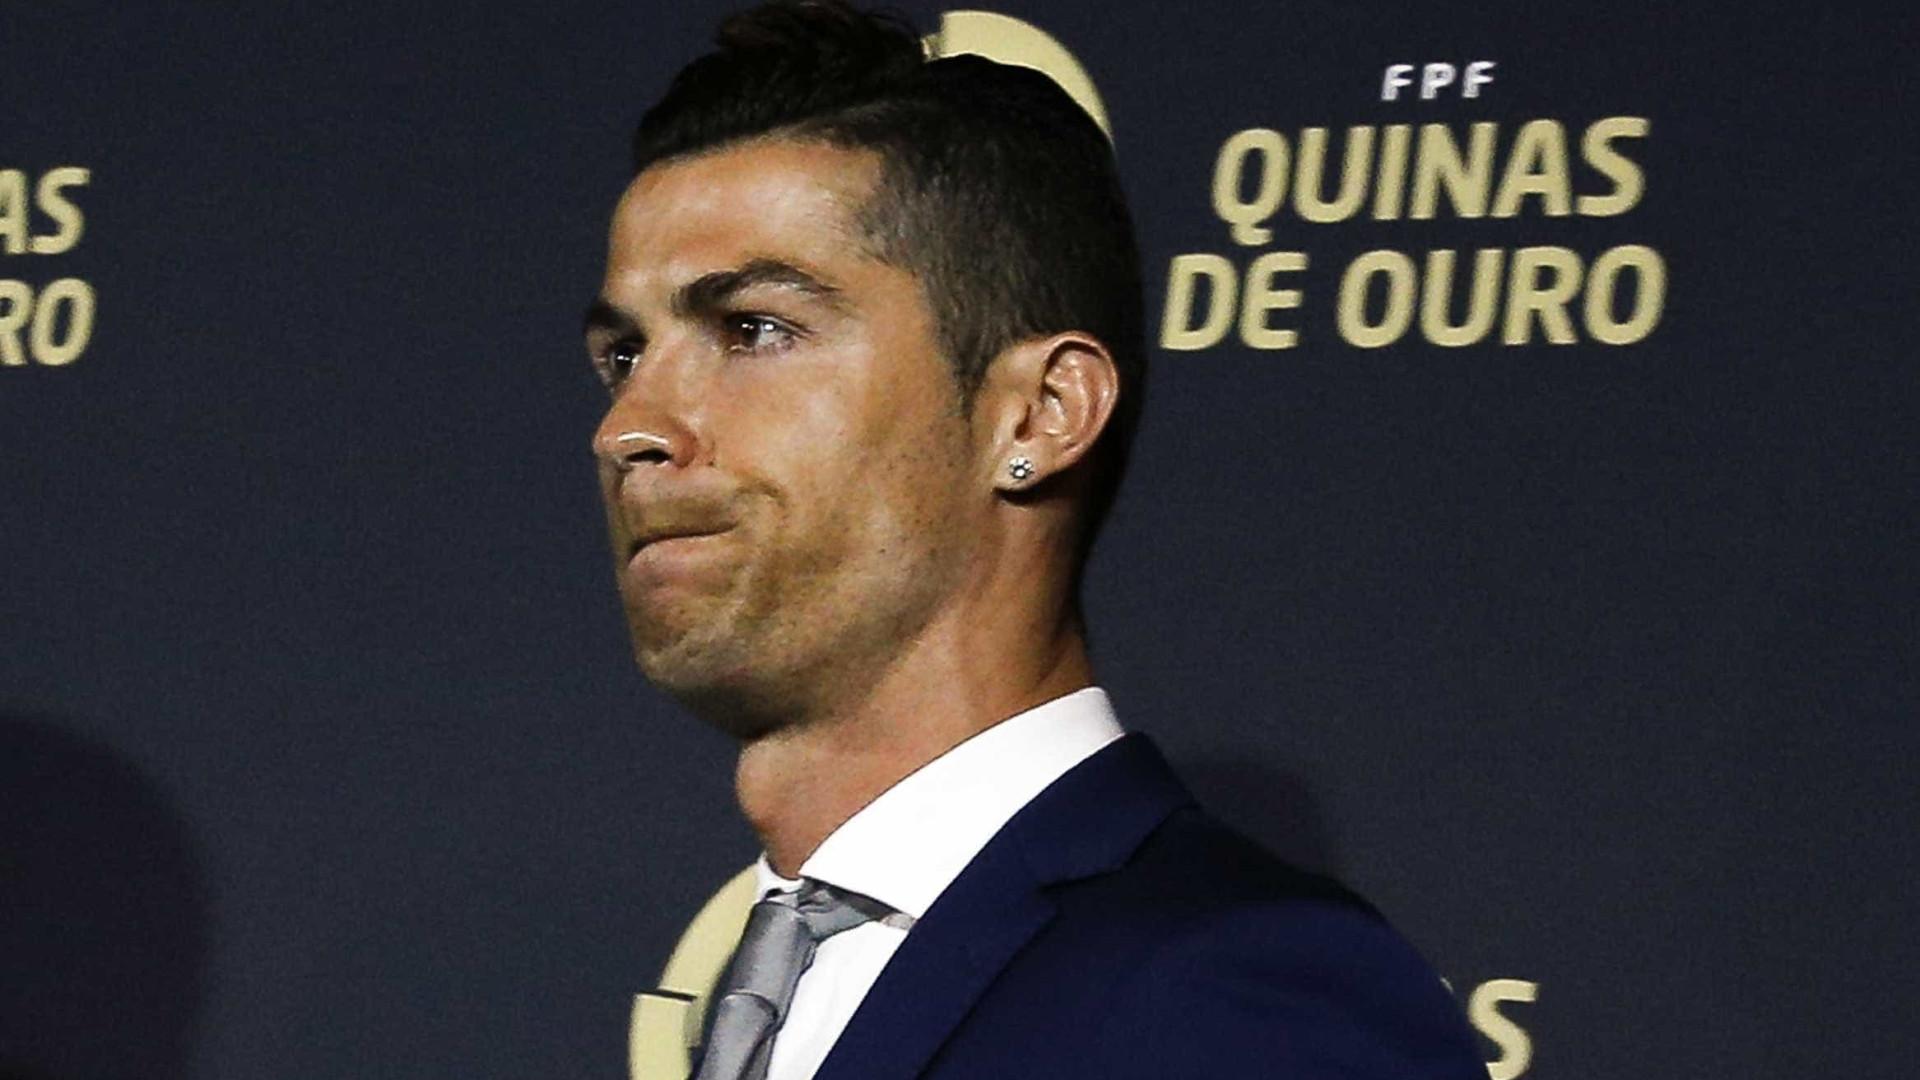 Quinas de Ouro: Ronaldo eleito melhor jogador do ano